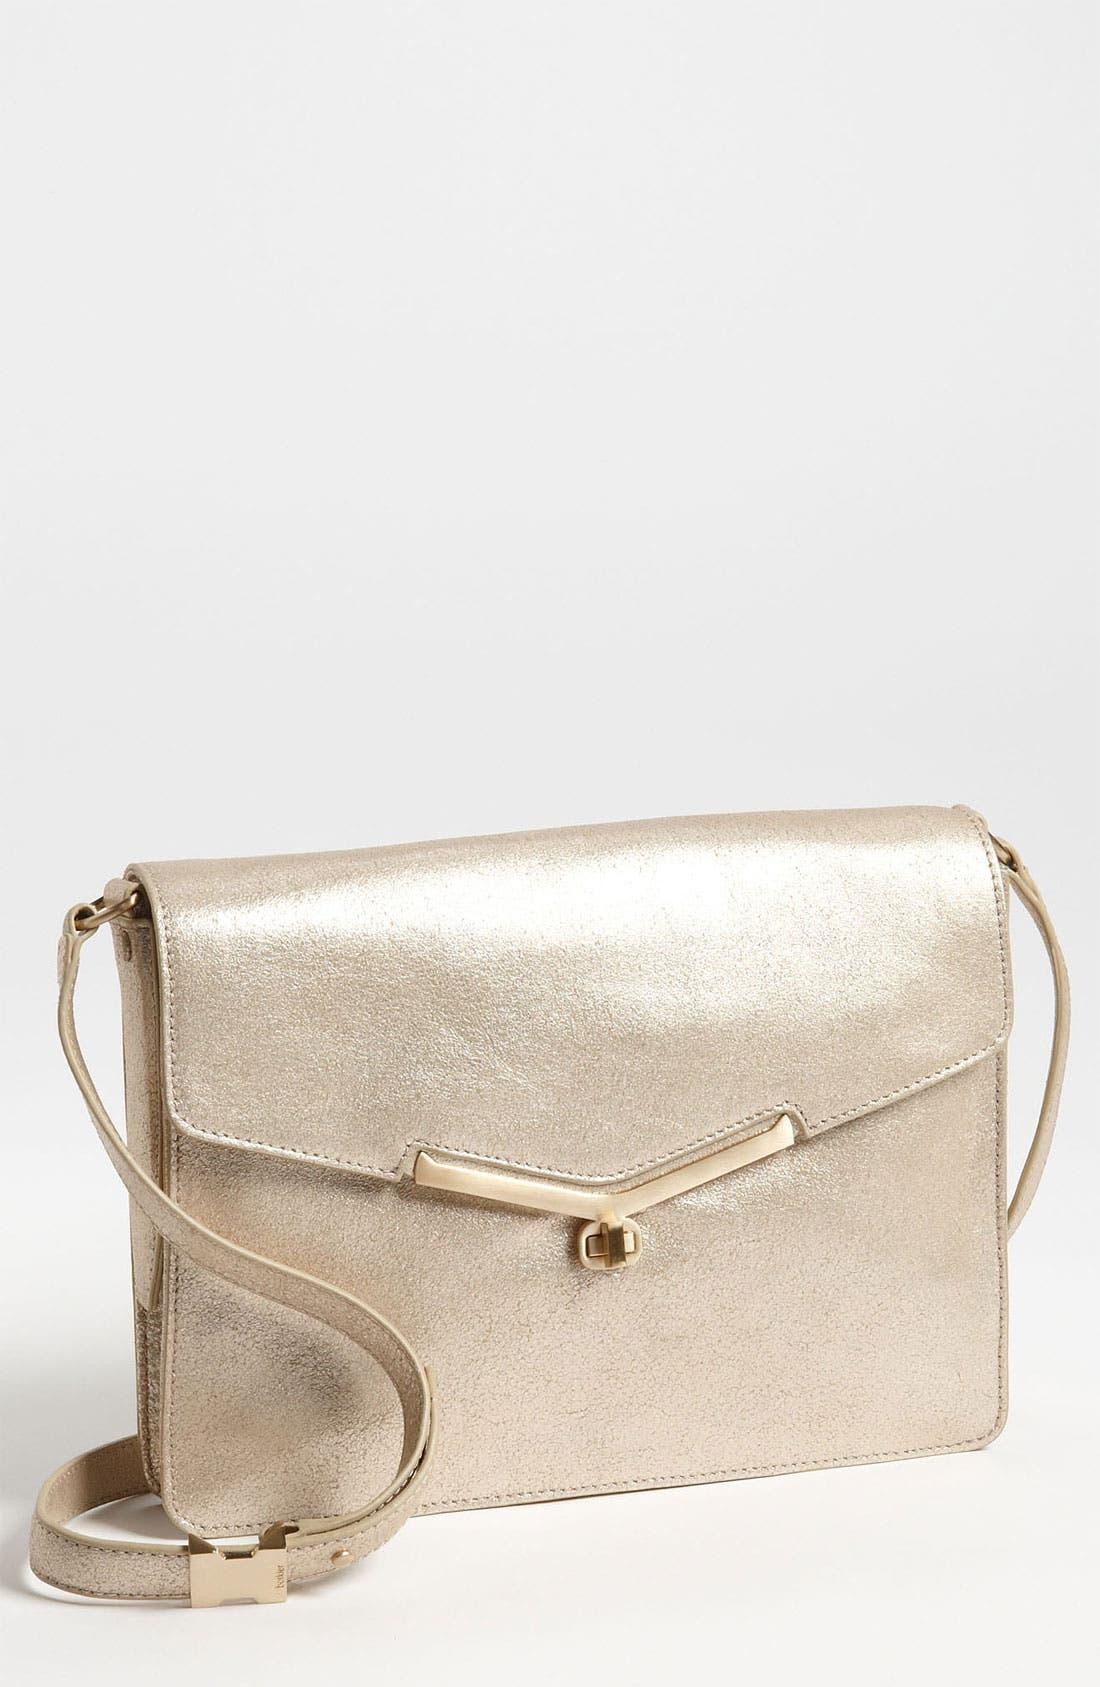 Alternate Image 1 Selected - Botkier 'Valentina' Shoulder Bag